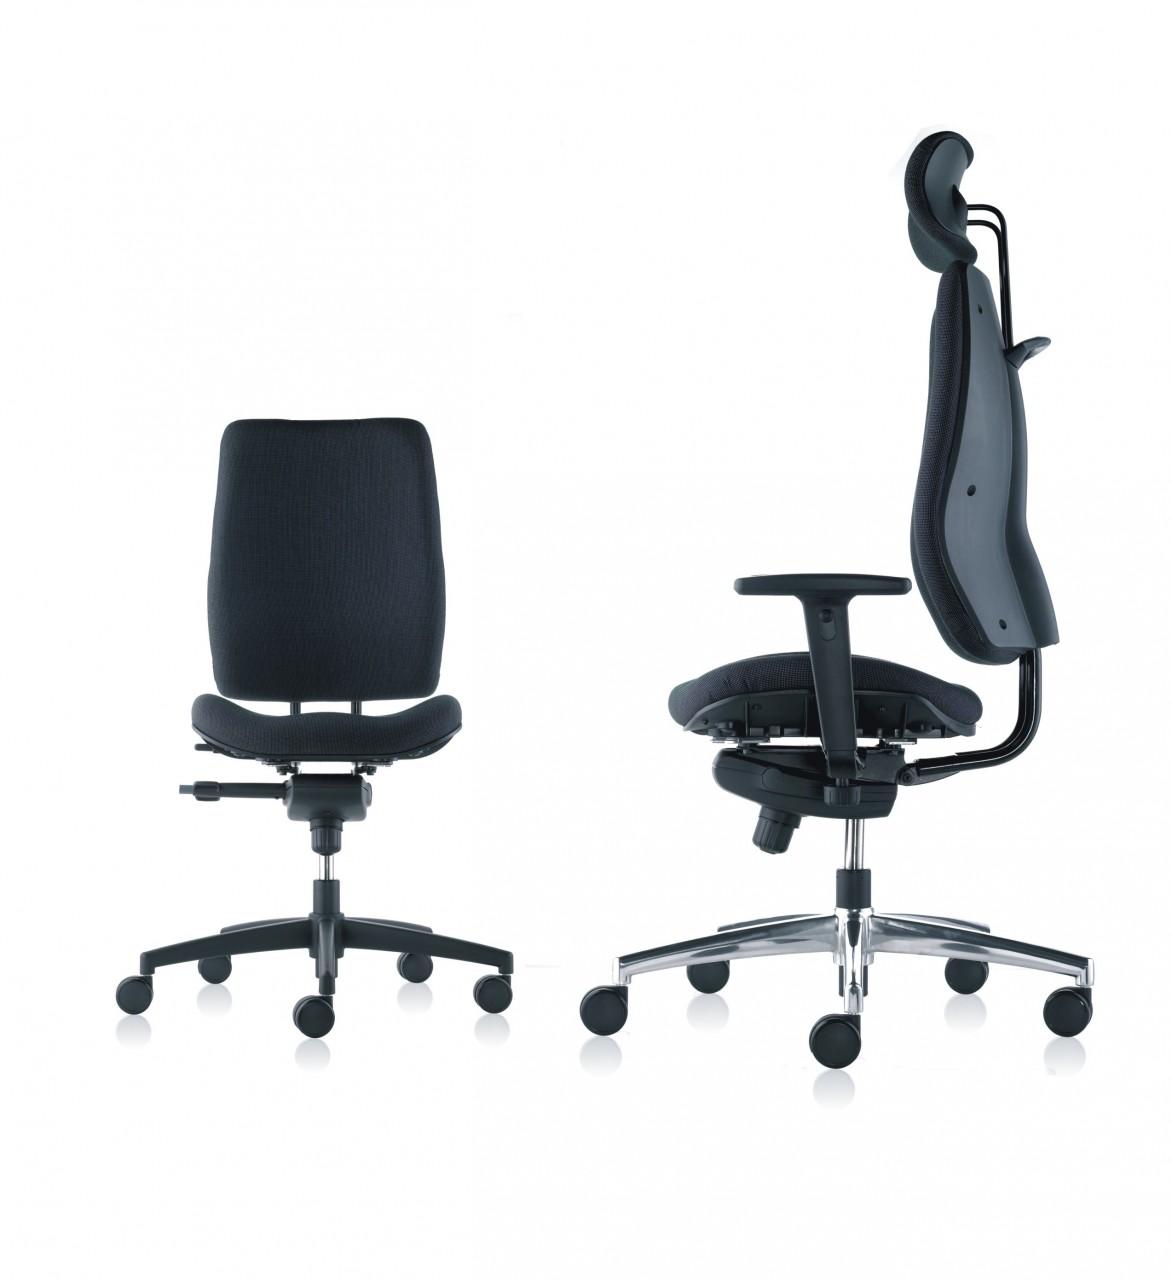 Fauteuil de bureau ergonomique confortic achat si ges - Fauteuil de bureau ergonomique ...